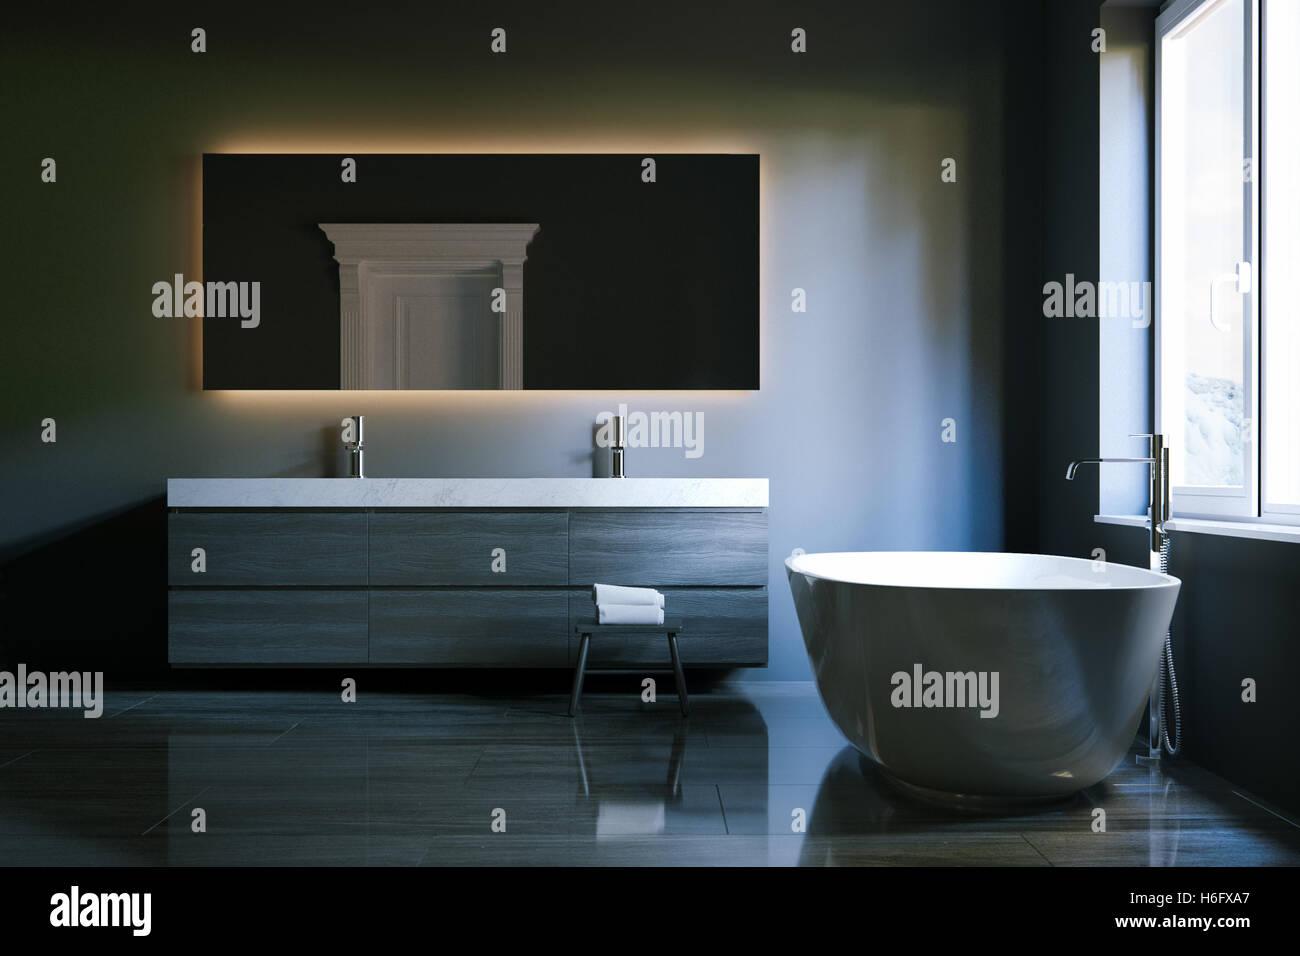 Atemberaubend Bad Spiegel High Tech Produkt Badezimmer Bilder ...